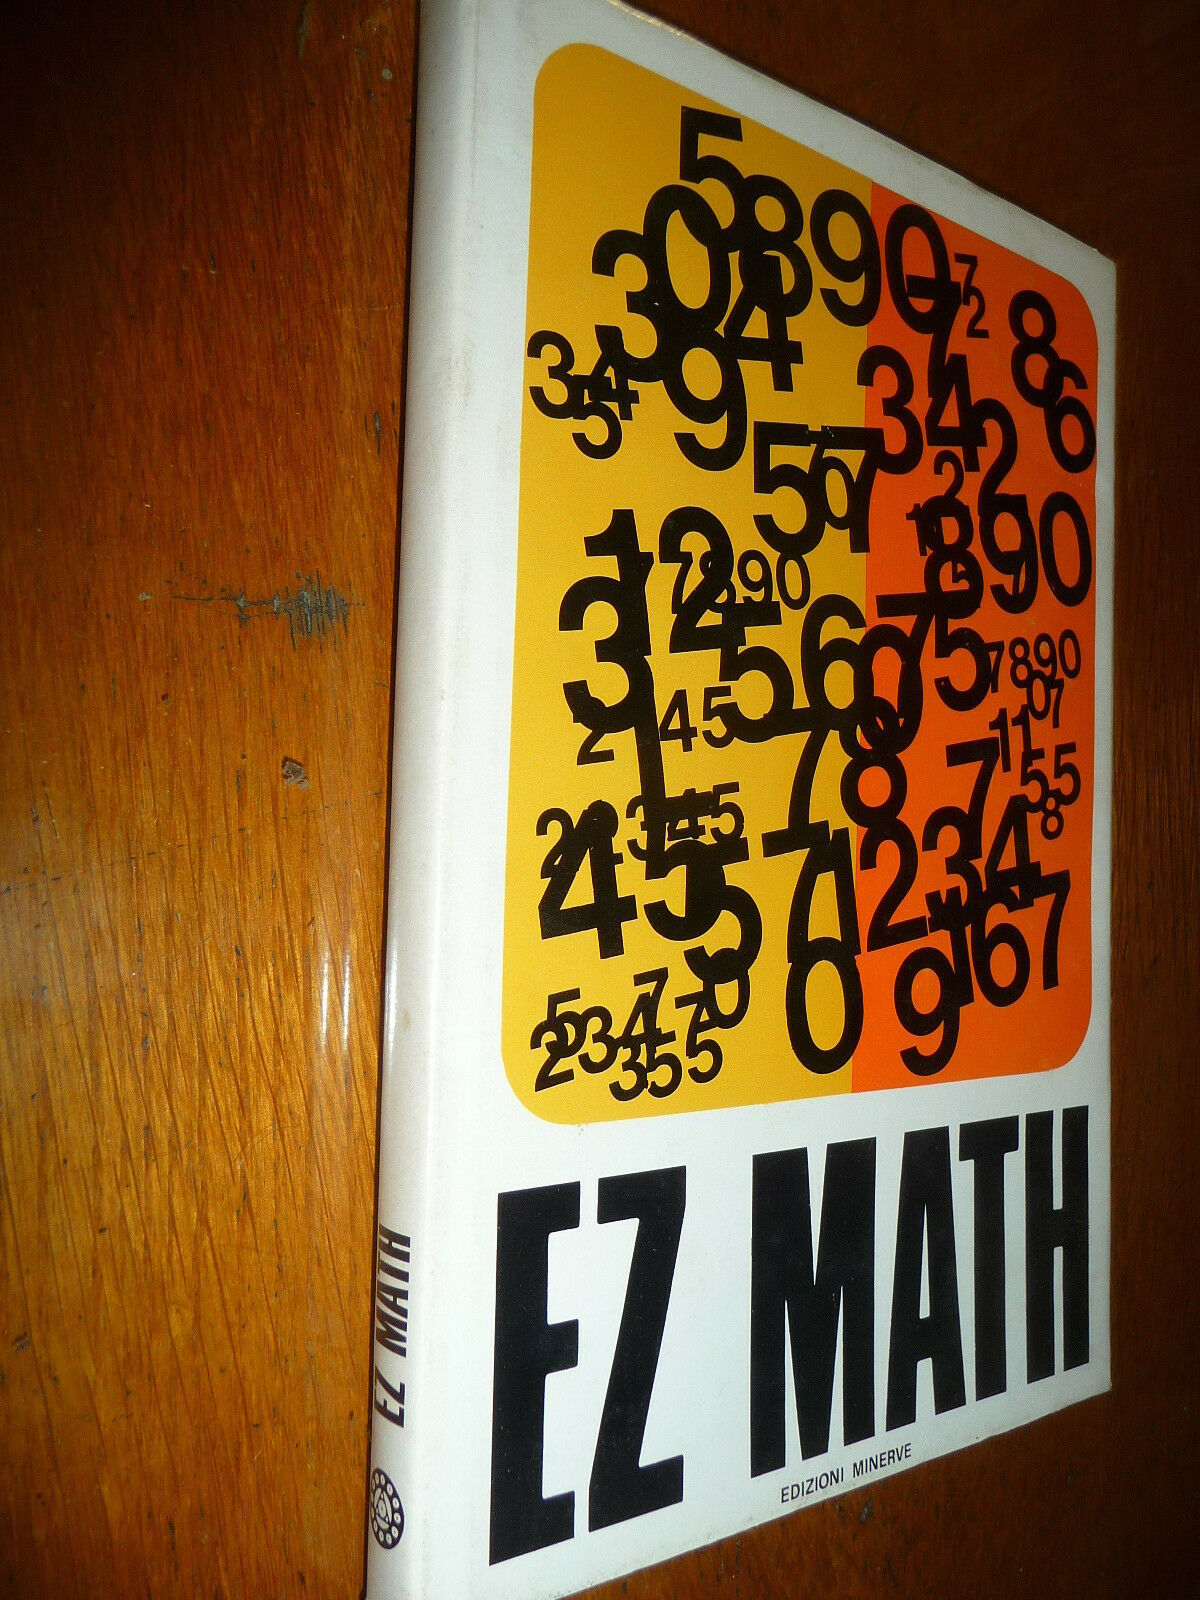 E-Z MATH E' FACILE MOLTIPLICARE DUE NUMERI DI 5 CIFRE IN 15 SECONDI R. ERGY 1970